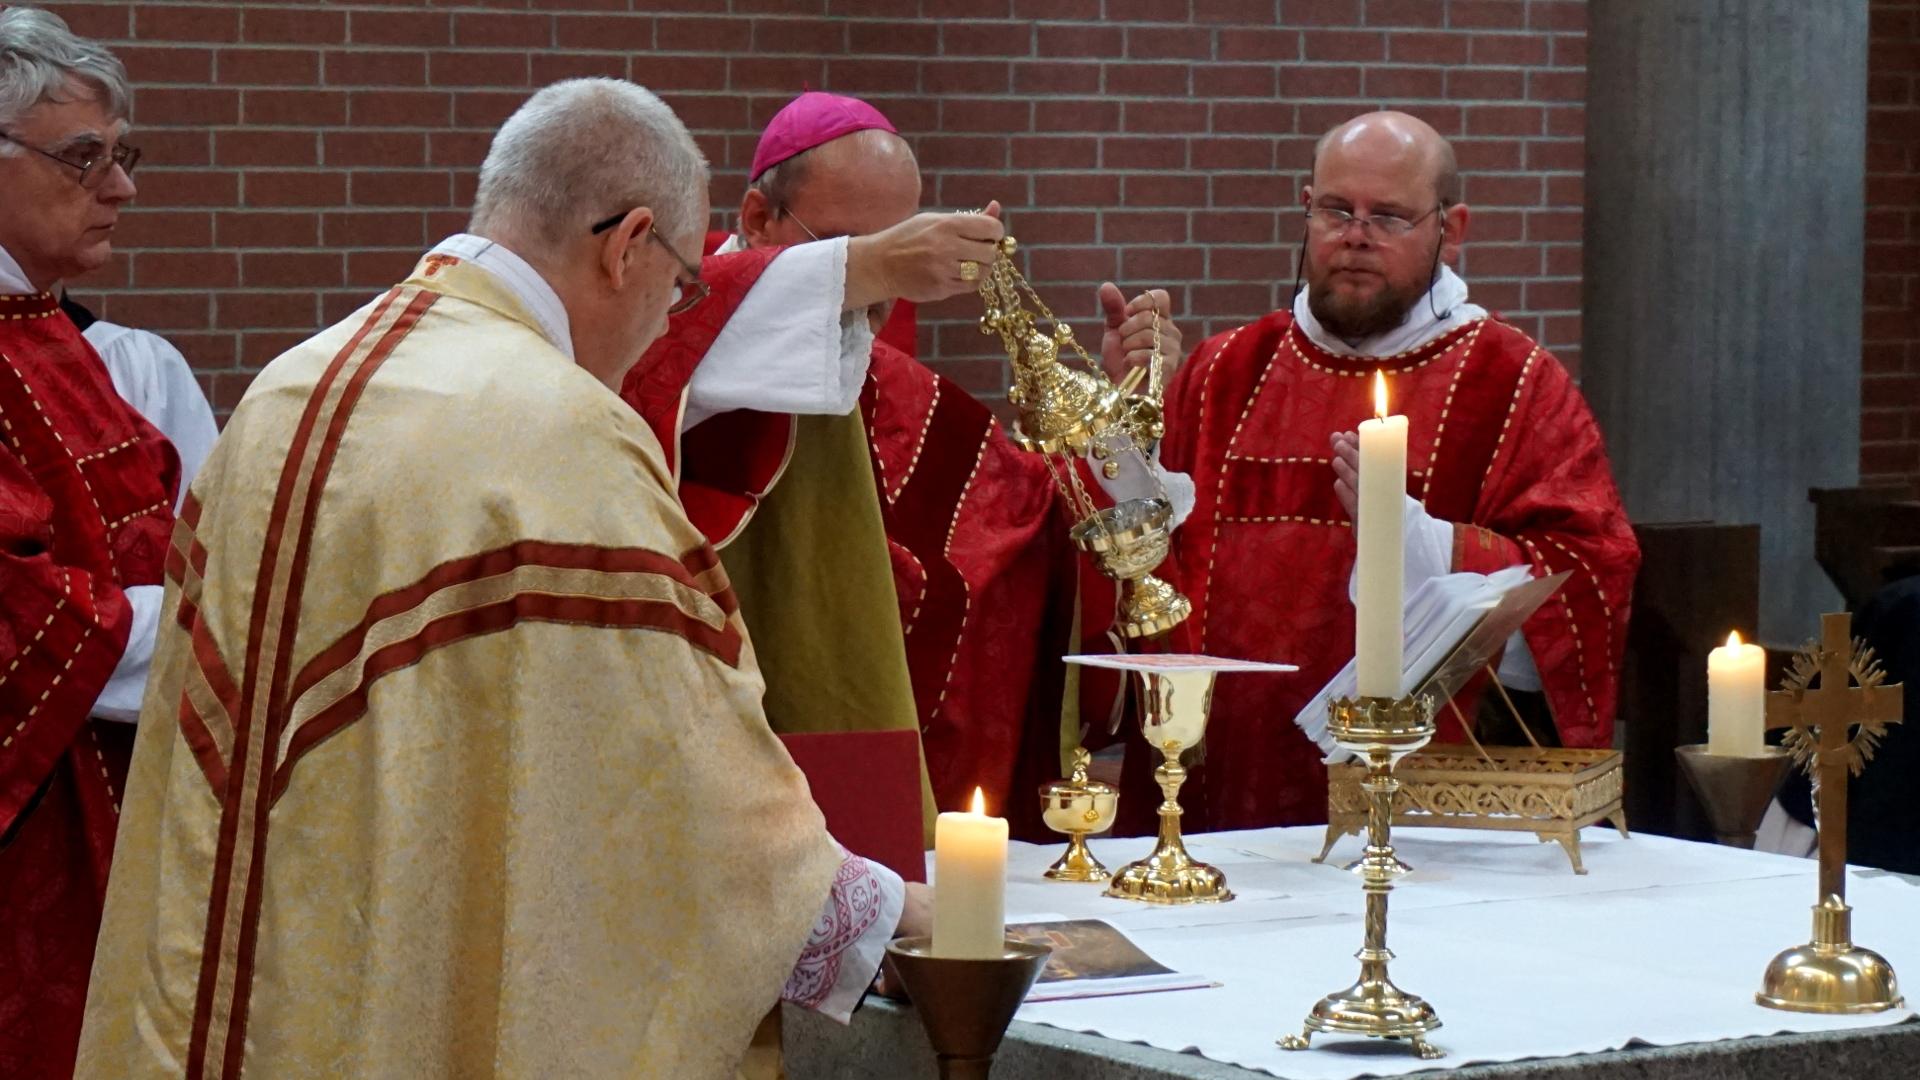 Konzelebration Gaben Inzens Offertorium WeihrauchPresbyterweihe Priesterweihe 2017 SJB Johannesbruderschaft